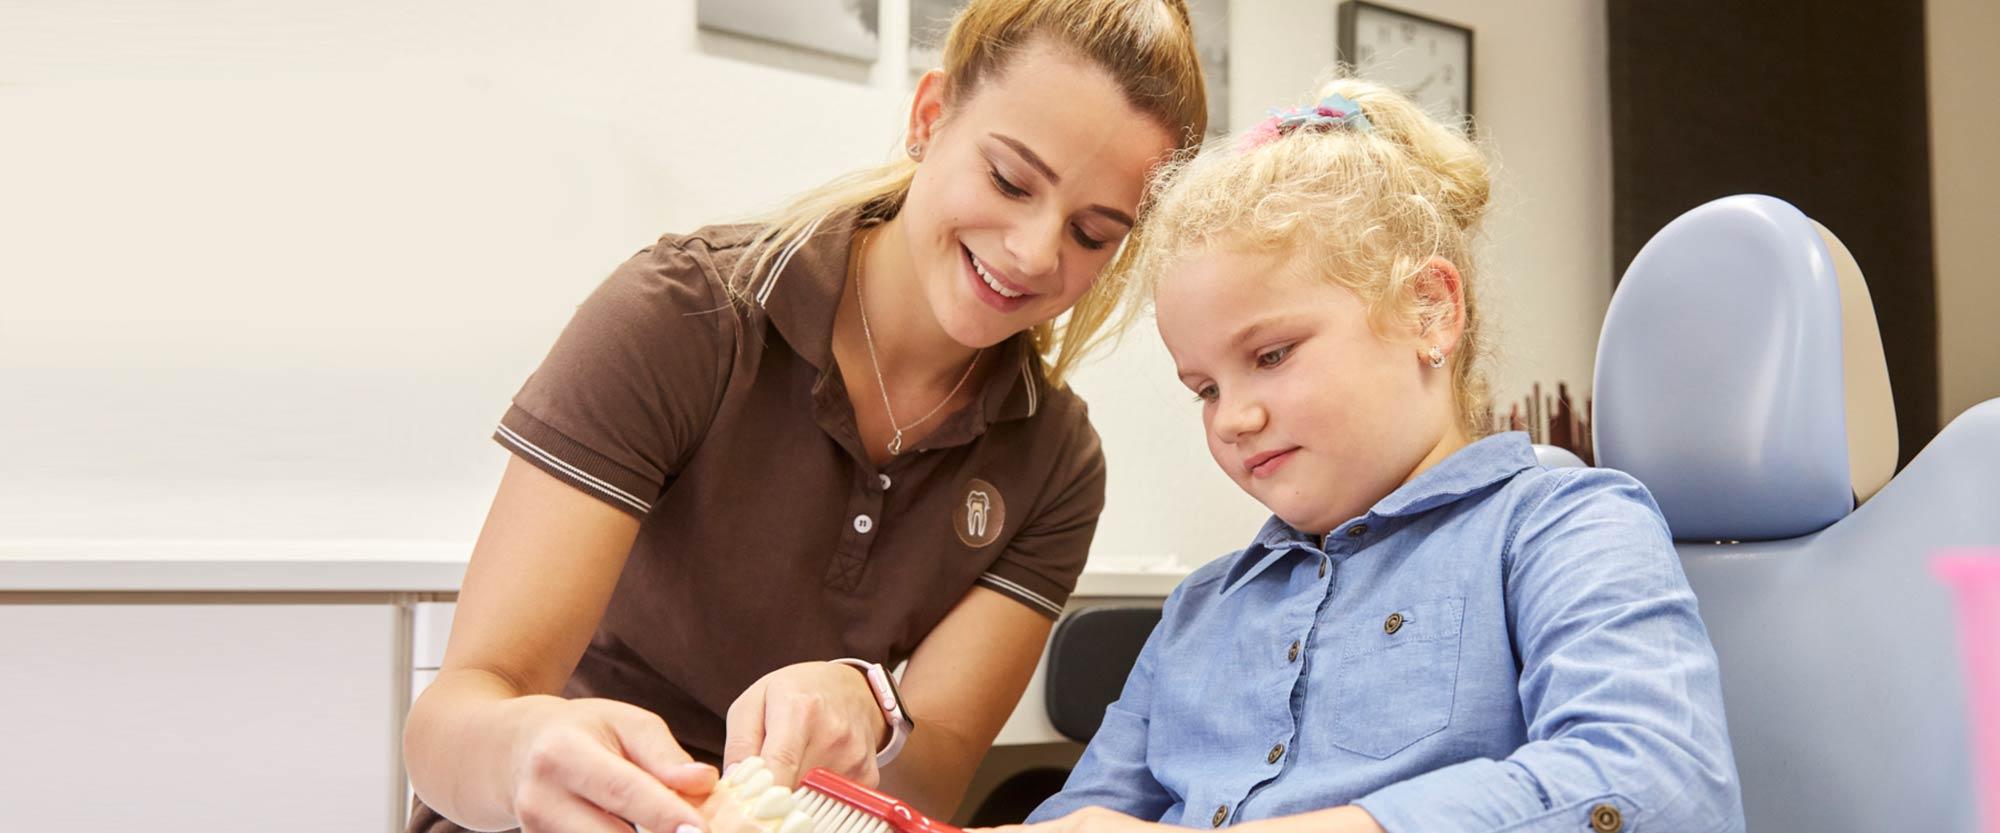 Selina Schimmank gibt Mädchen Tipps zur Pflege von Kinderzähnen